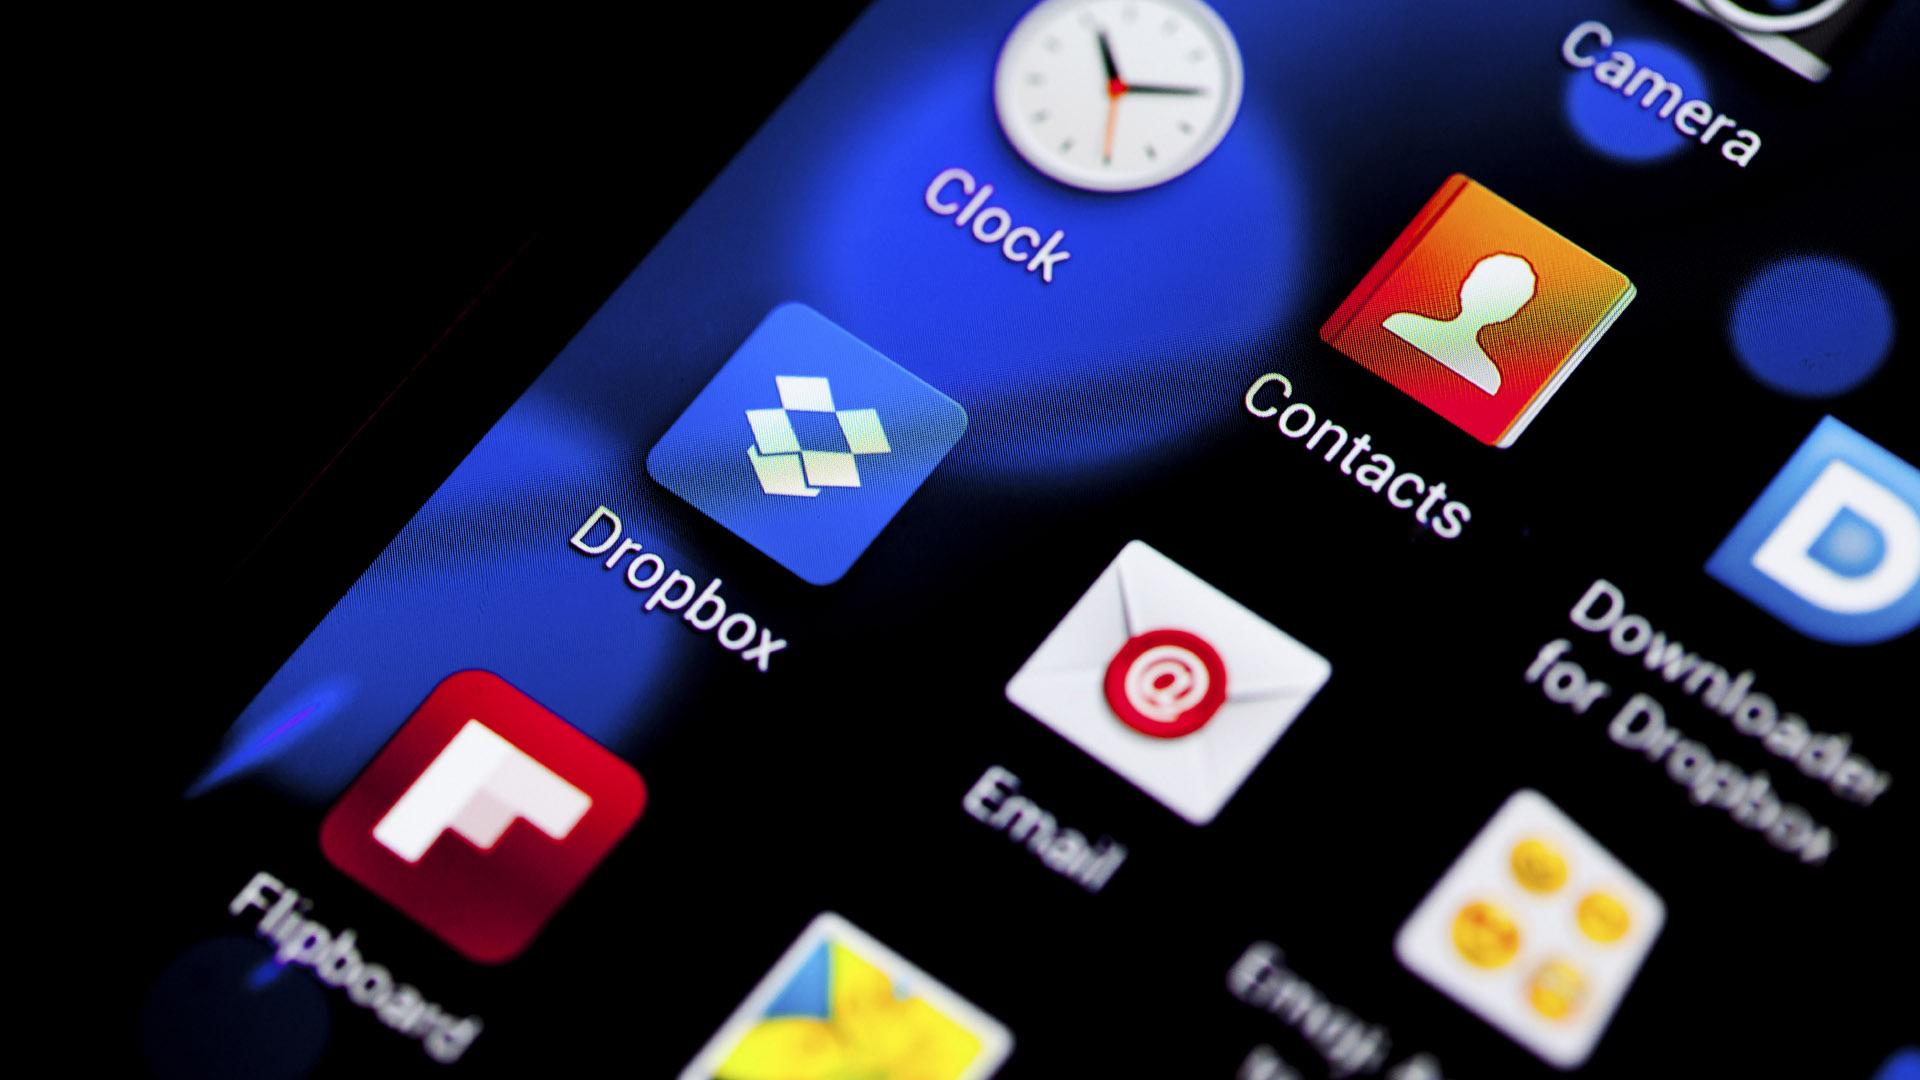 El servicio dará a los clientes Infinitum cinco GB adicionales para guardar documentos, archivos de audio, video e imágenes